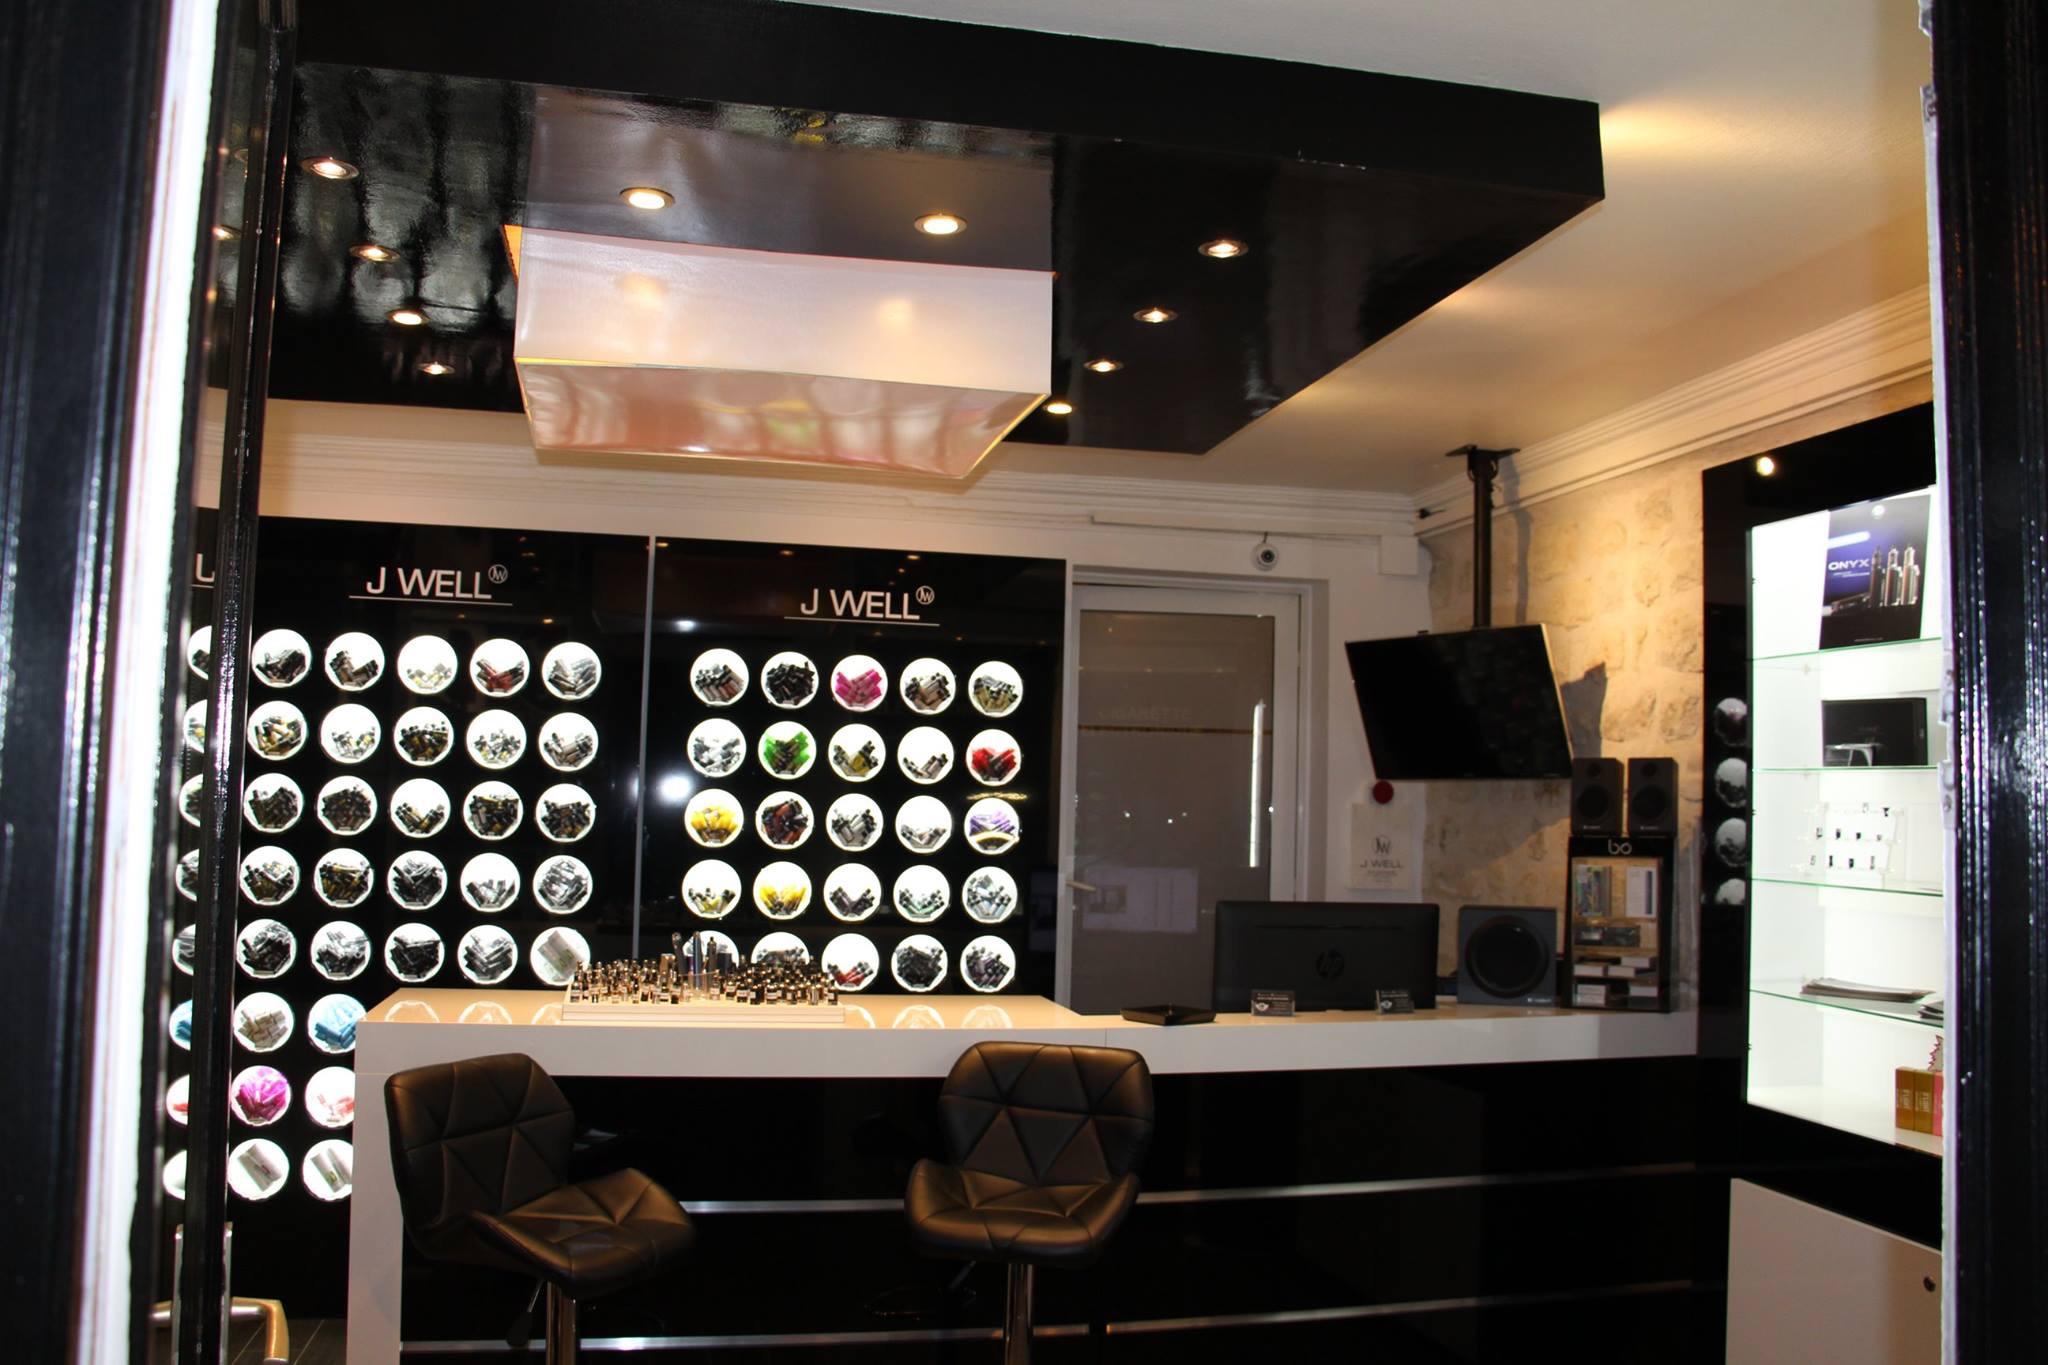 Boutique de vape spécialisée JWELL située à PARIS